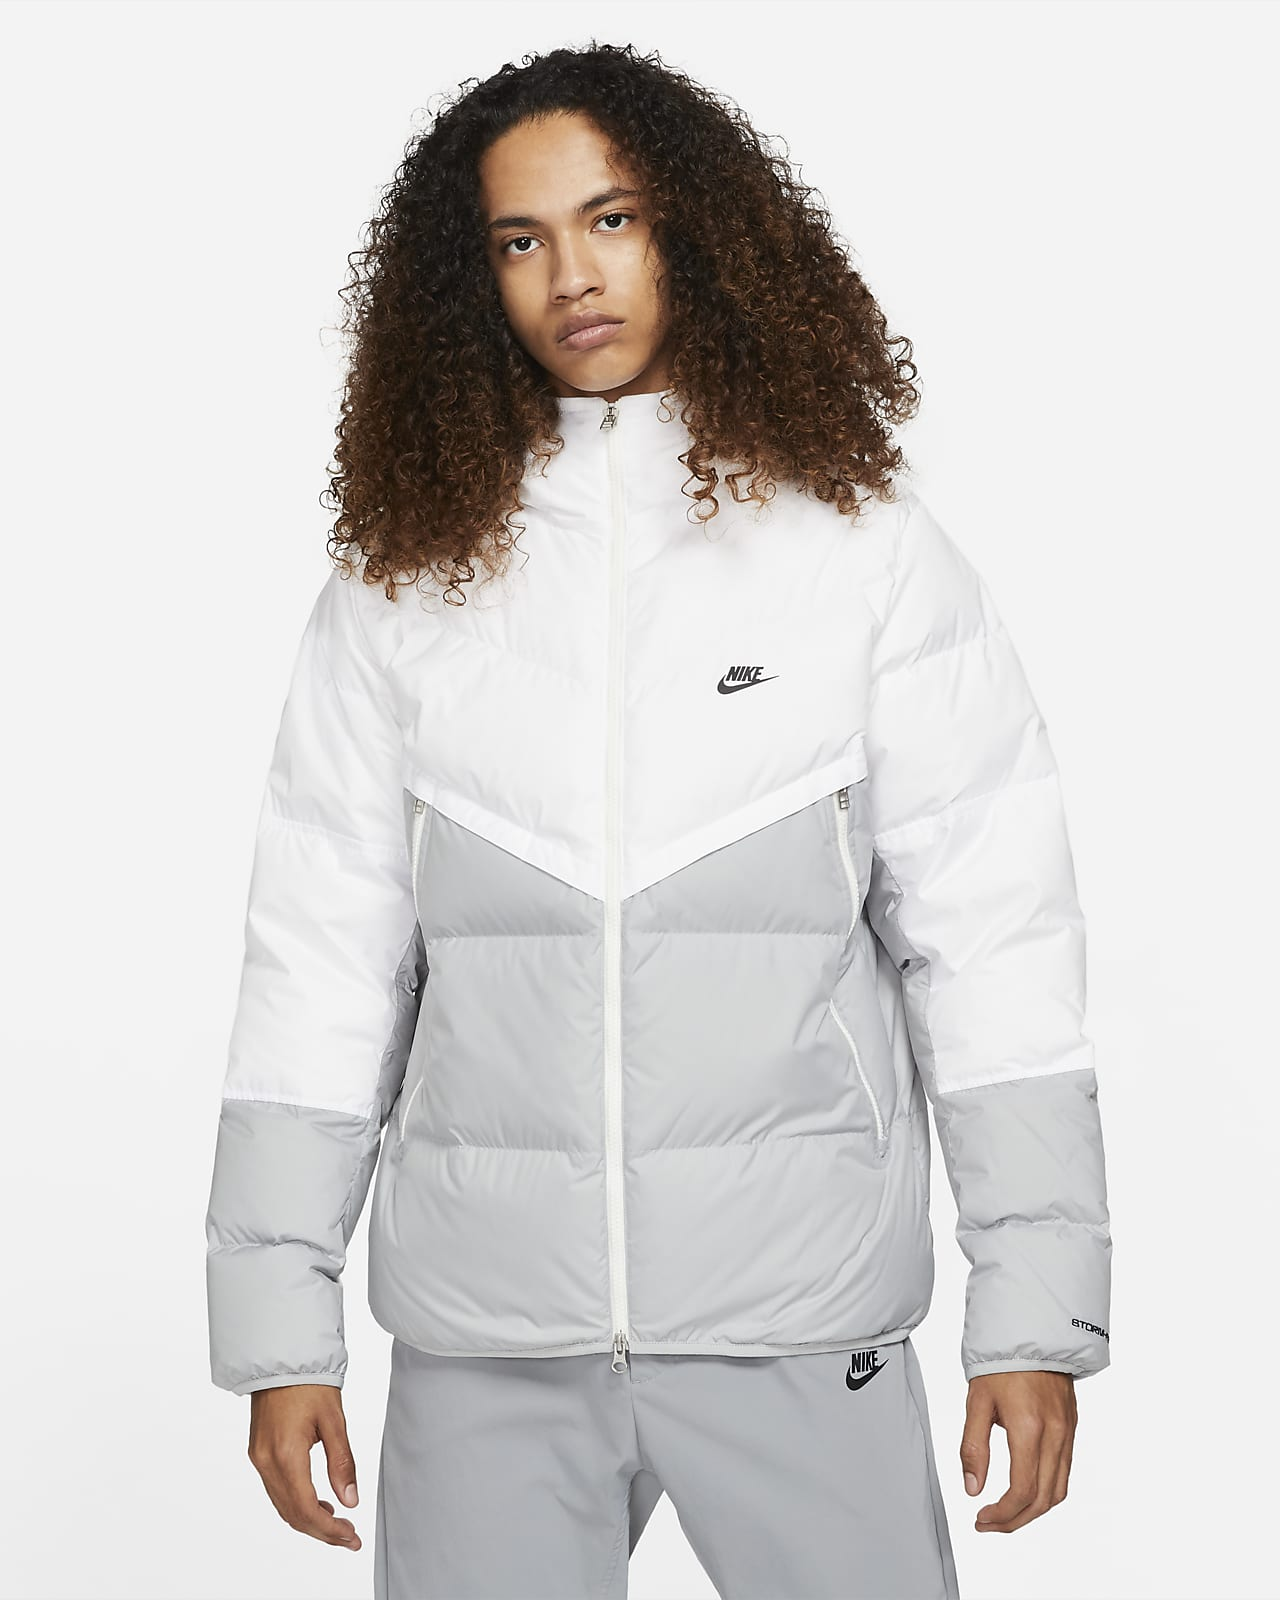 Мужская куртка с капюшоном Nike Sportswear Storm-FIT Windrunner